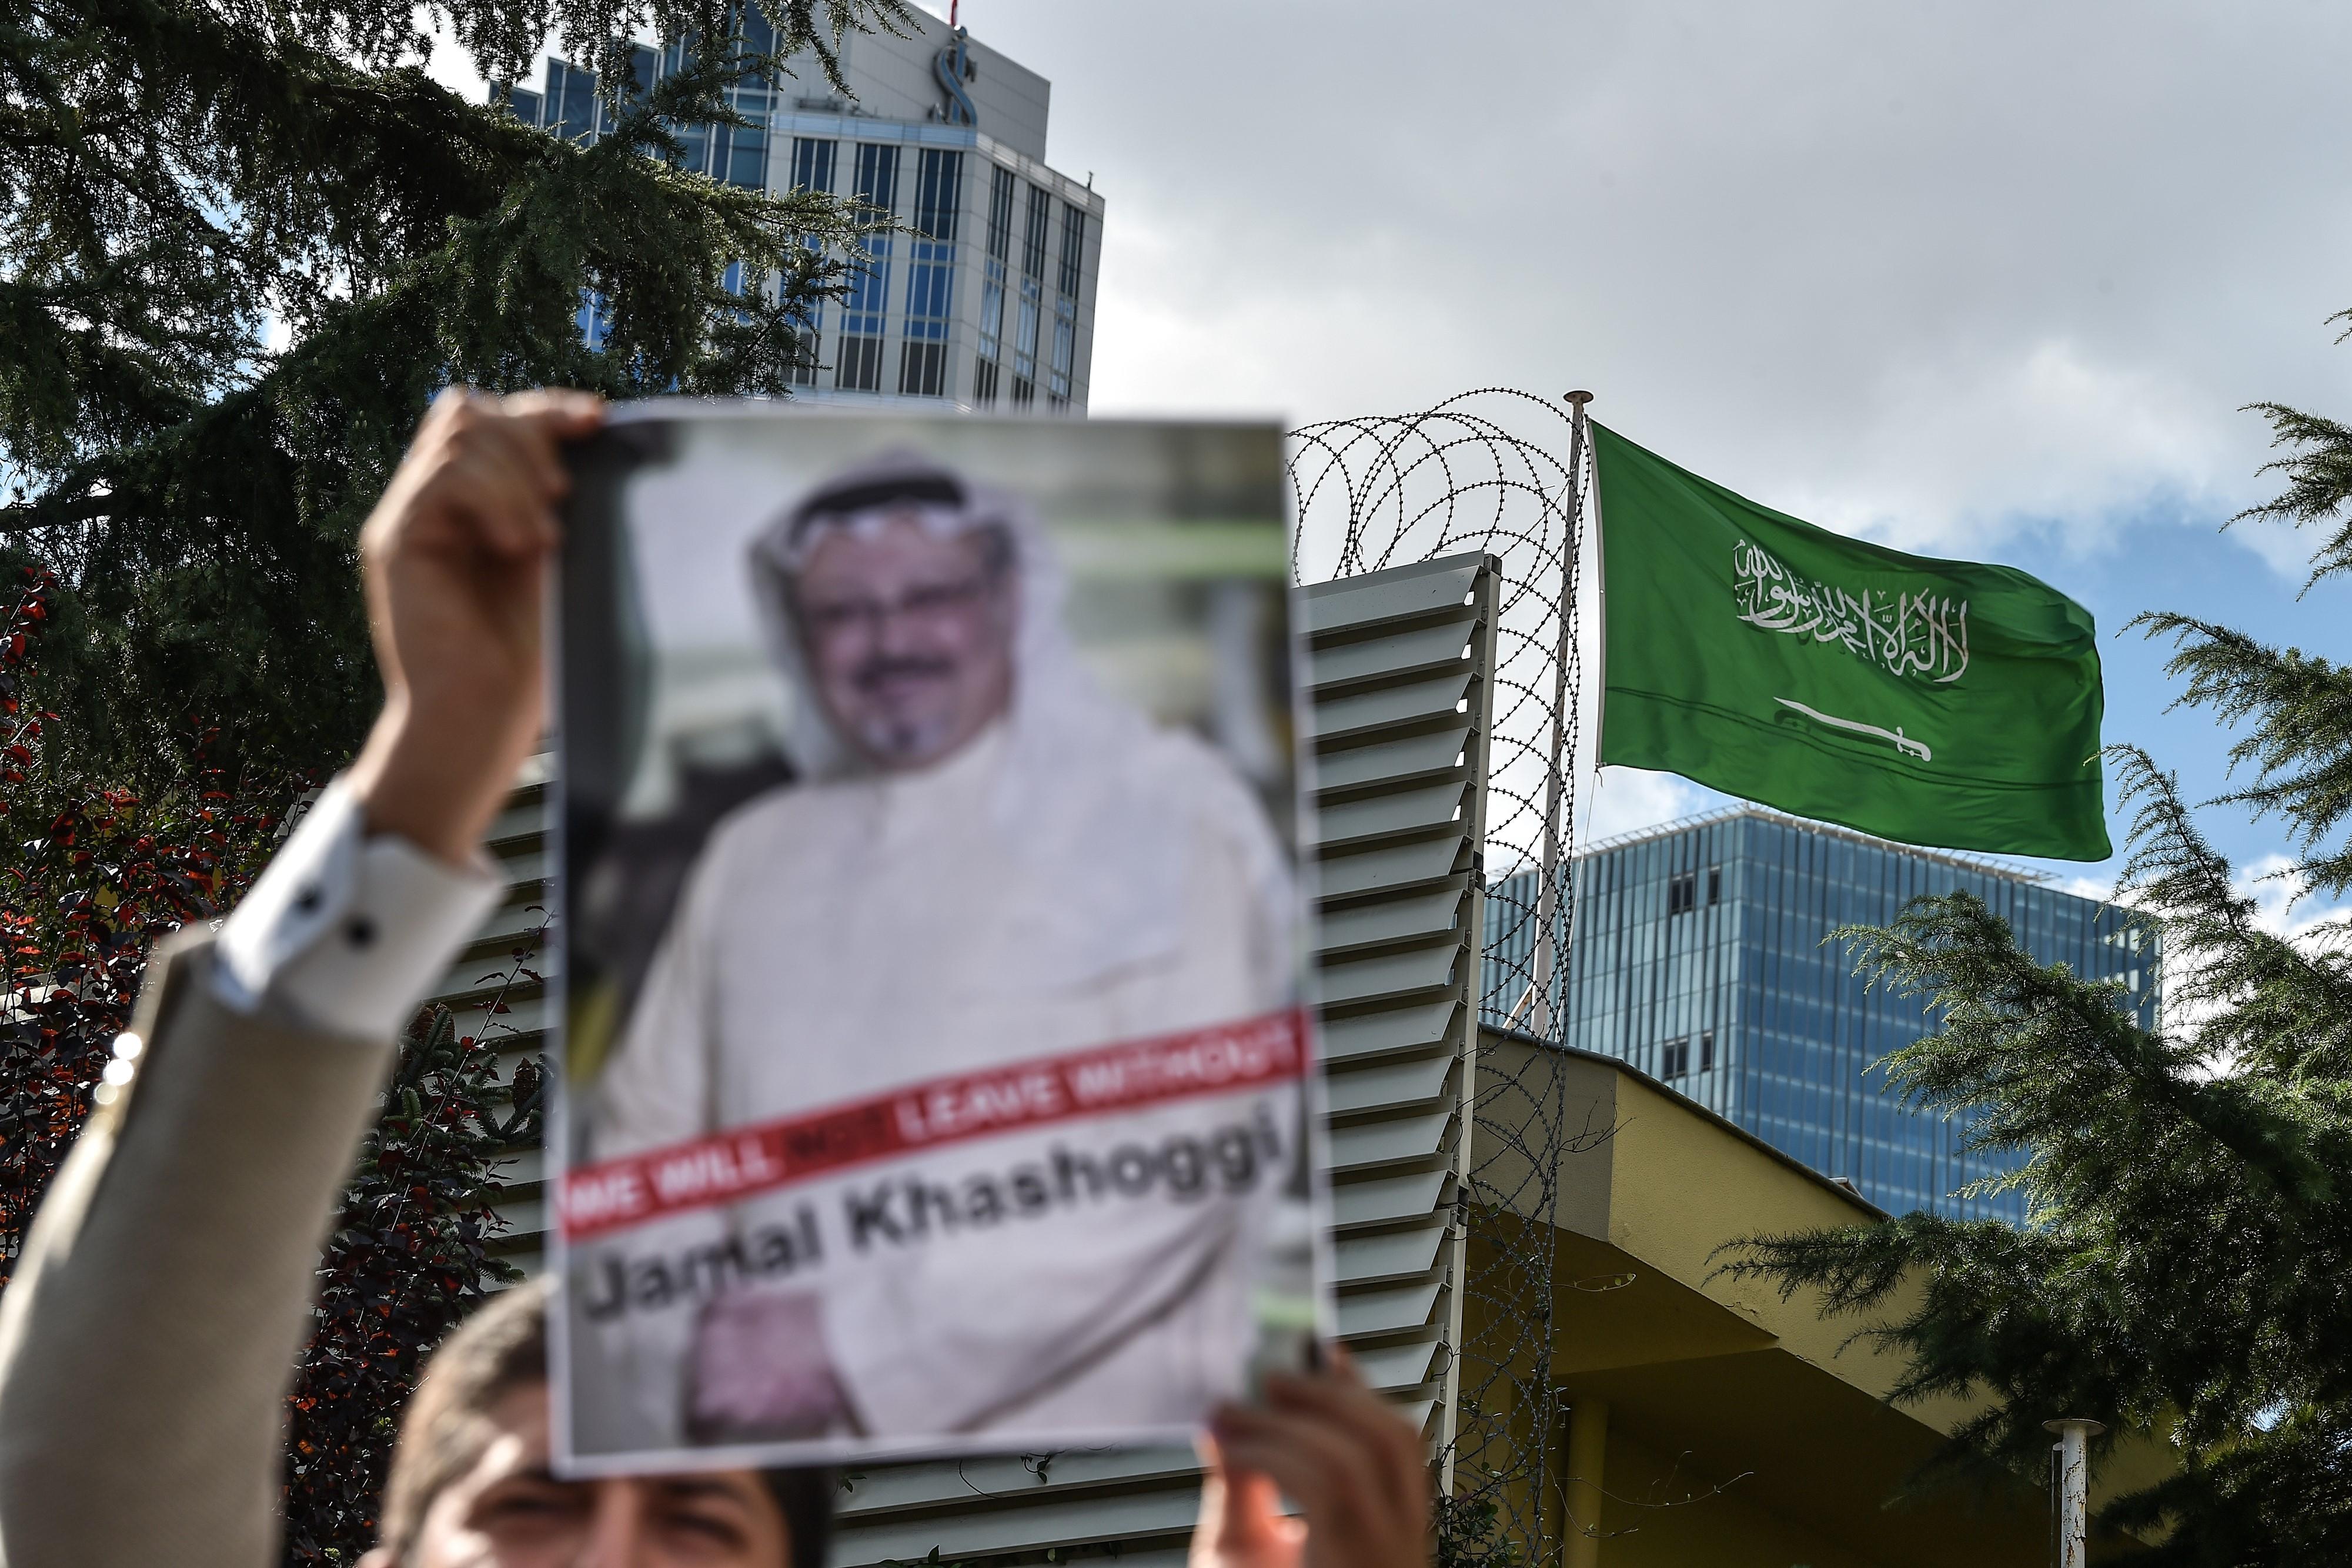 Öt emberre kérnek halálbüntetést a szaúdi ügyészek a Khashoggi-gyilkosság miatt